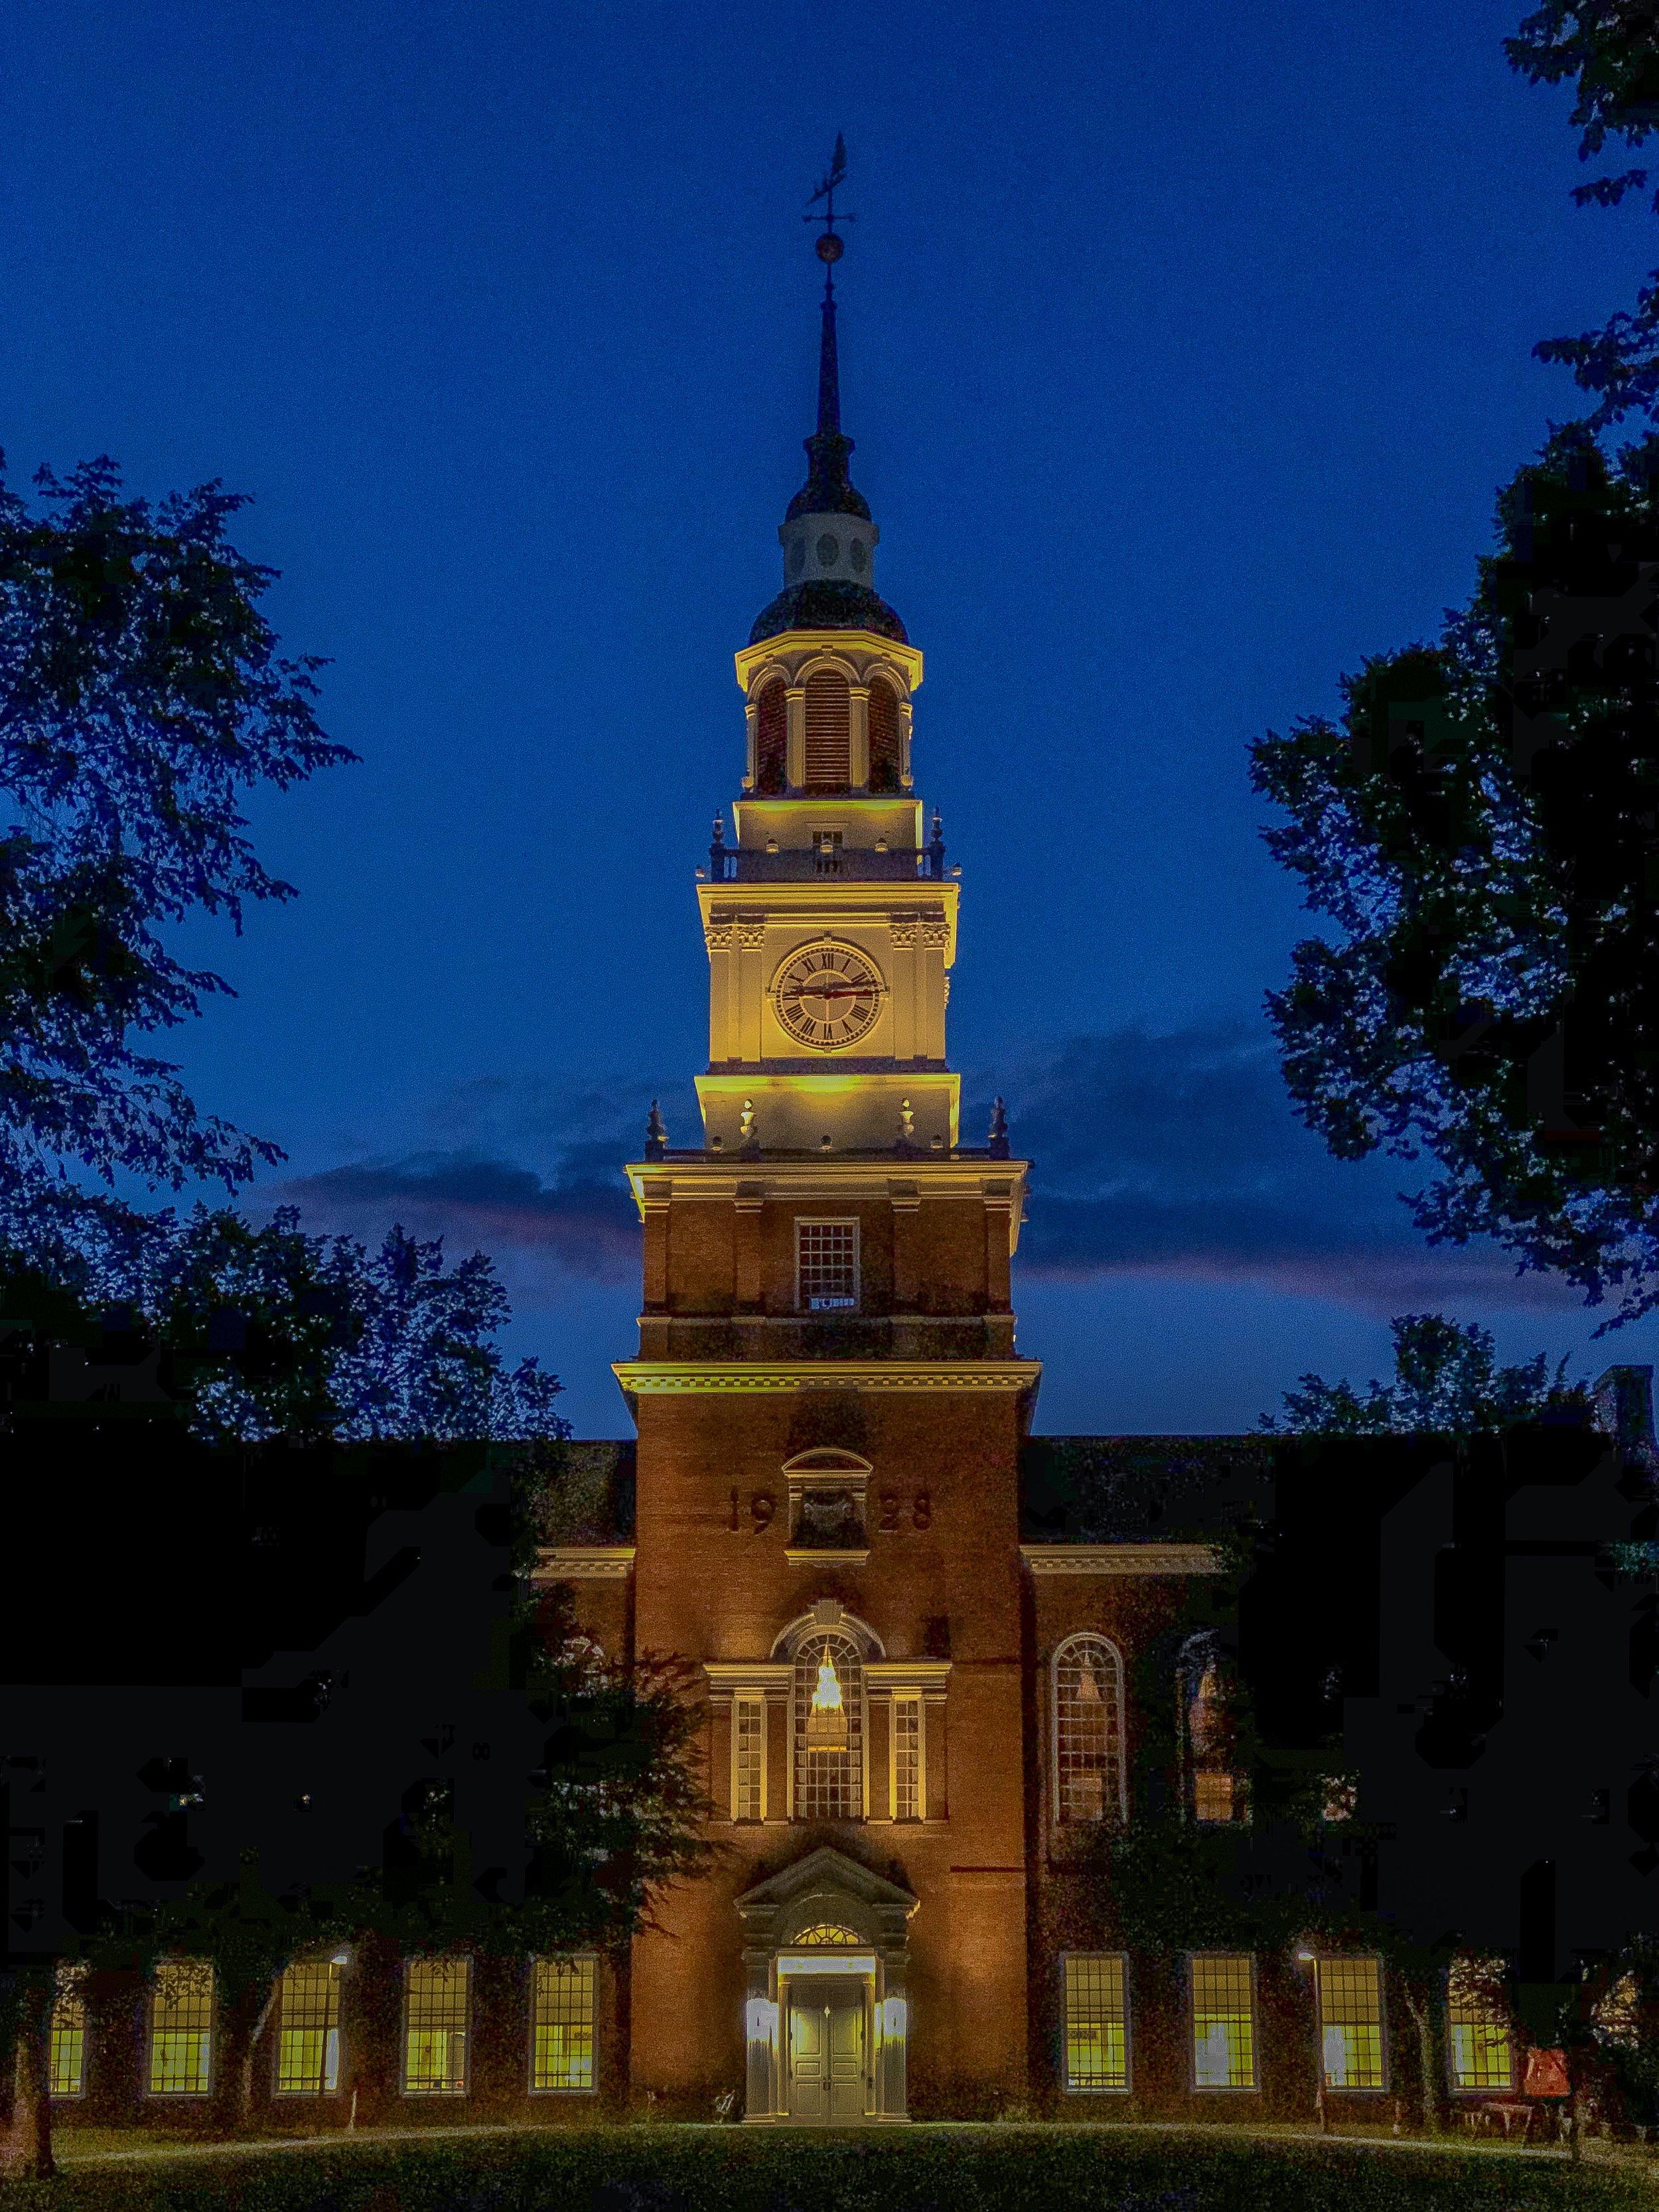 Hanover, New Hampshire